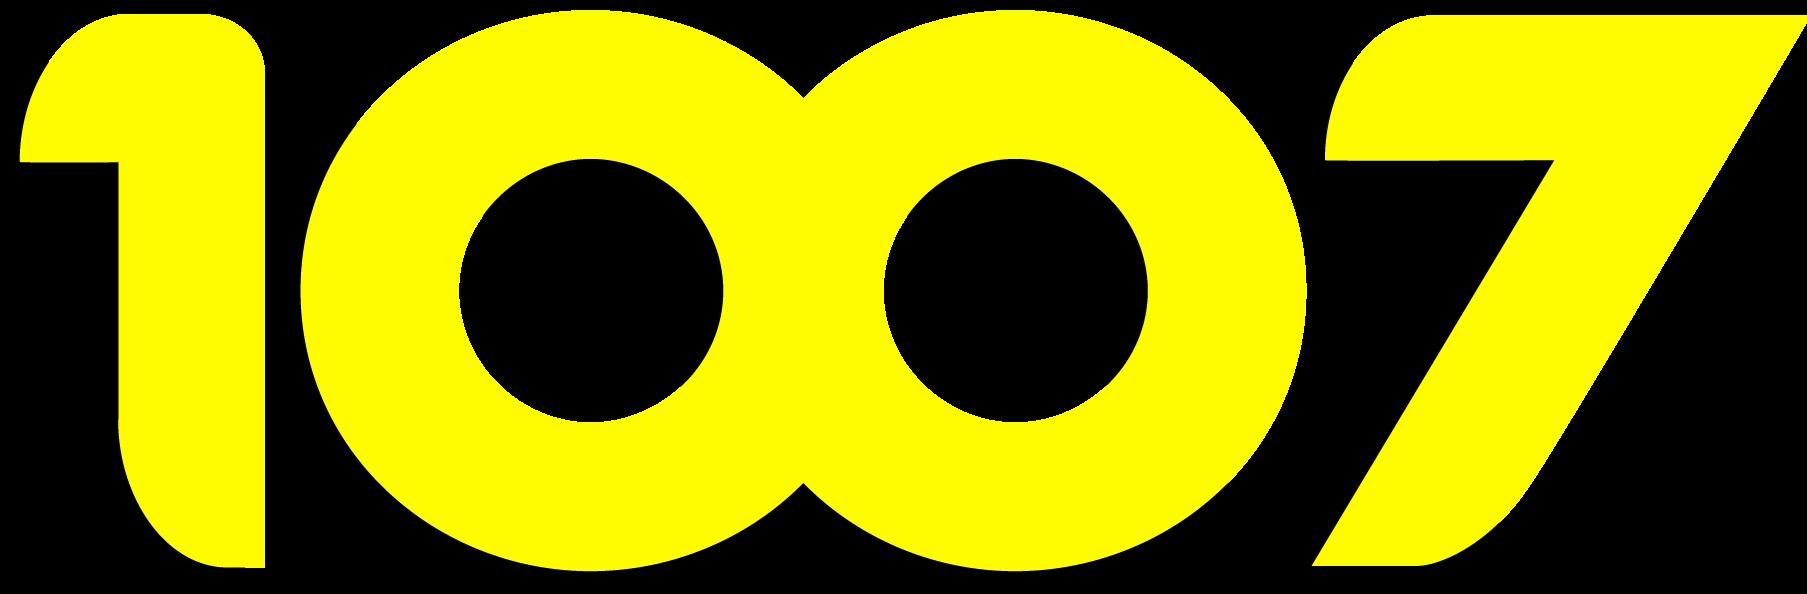 1007 Brasil